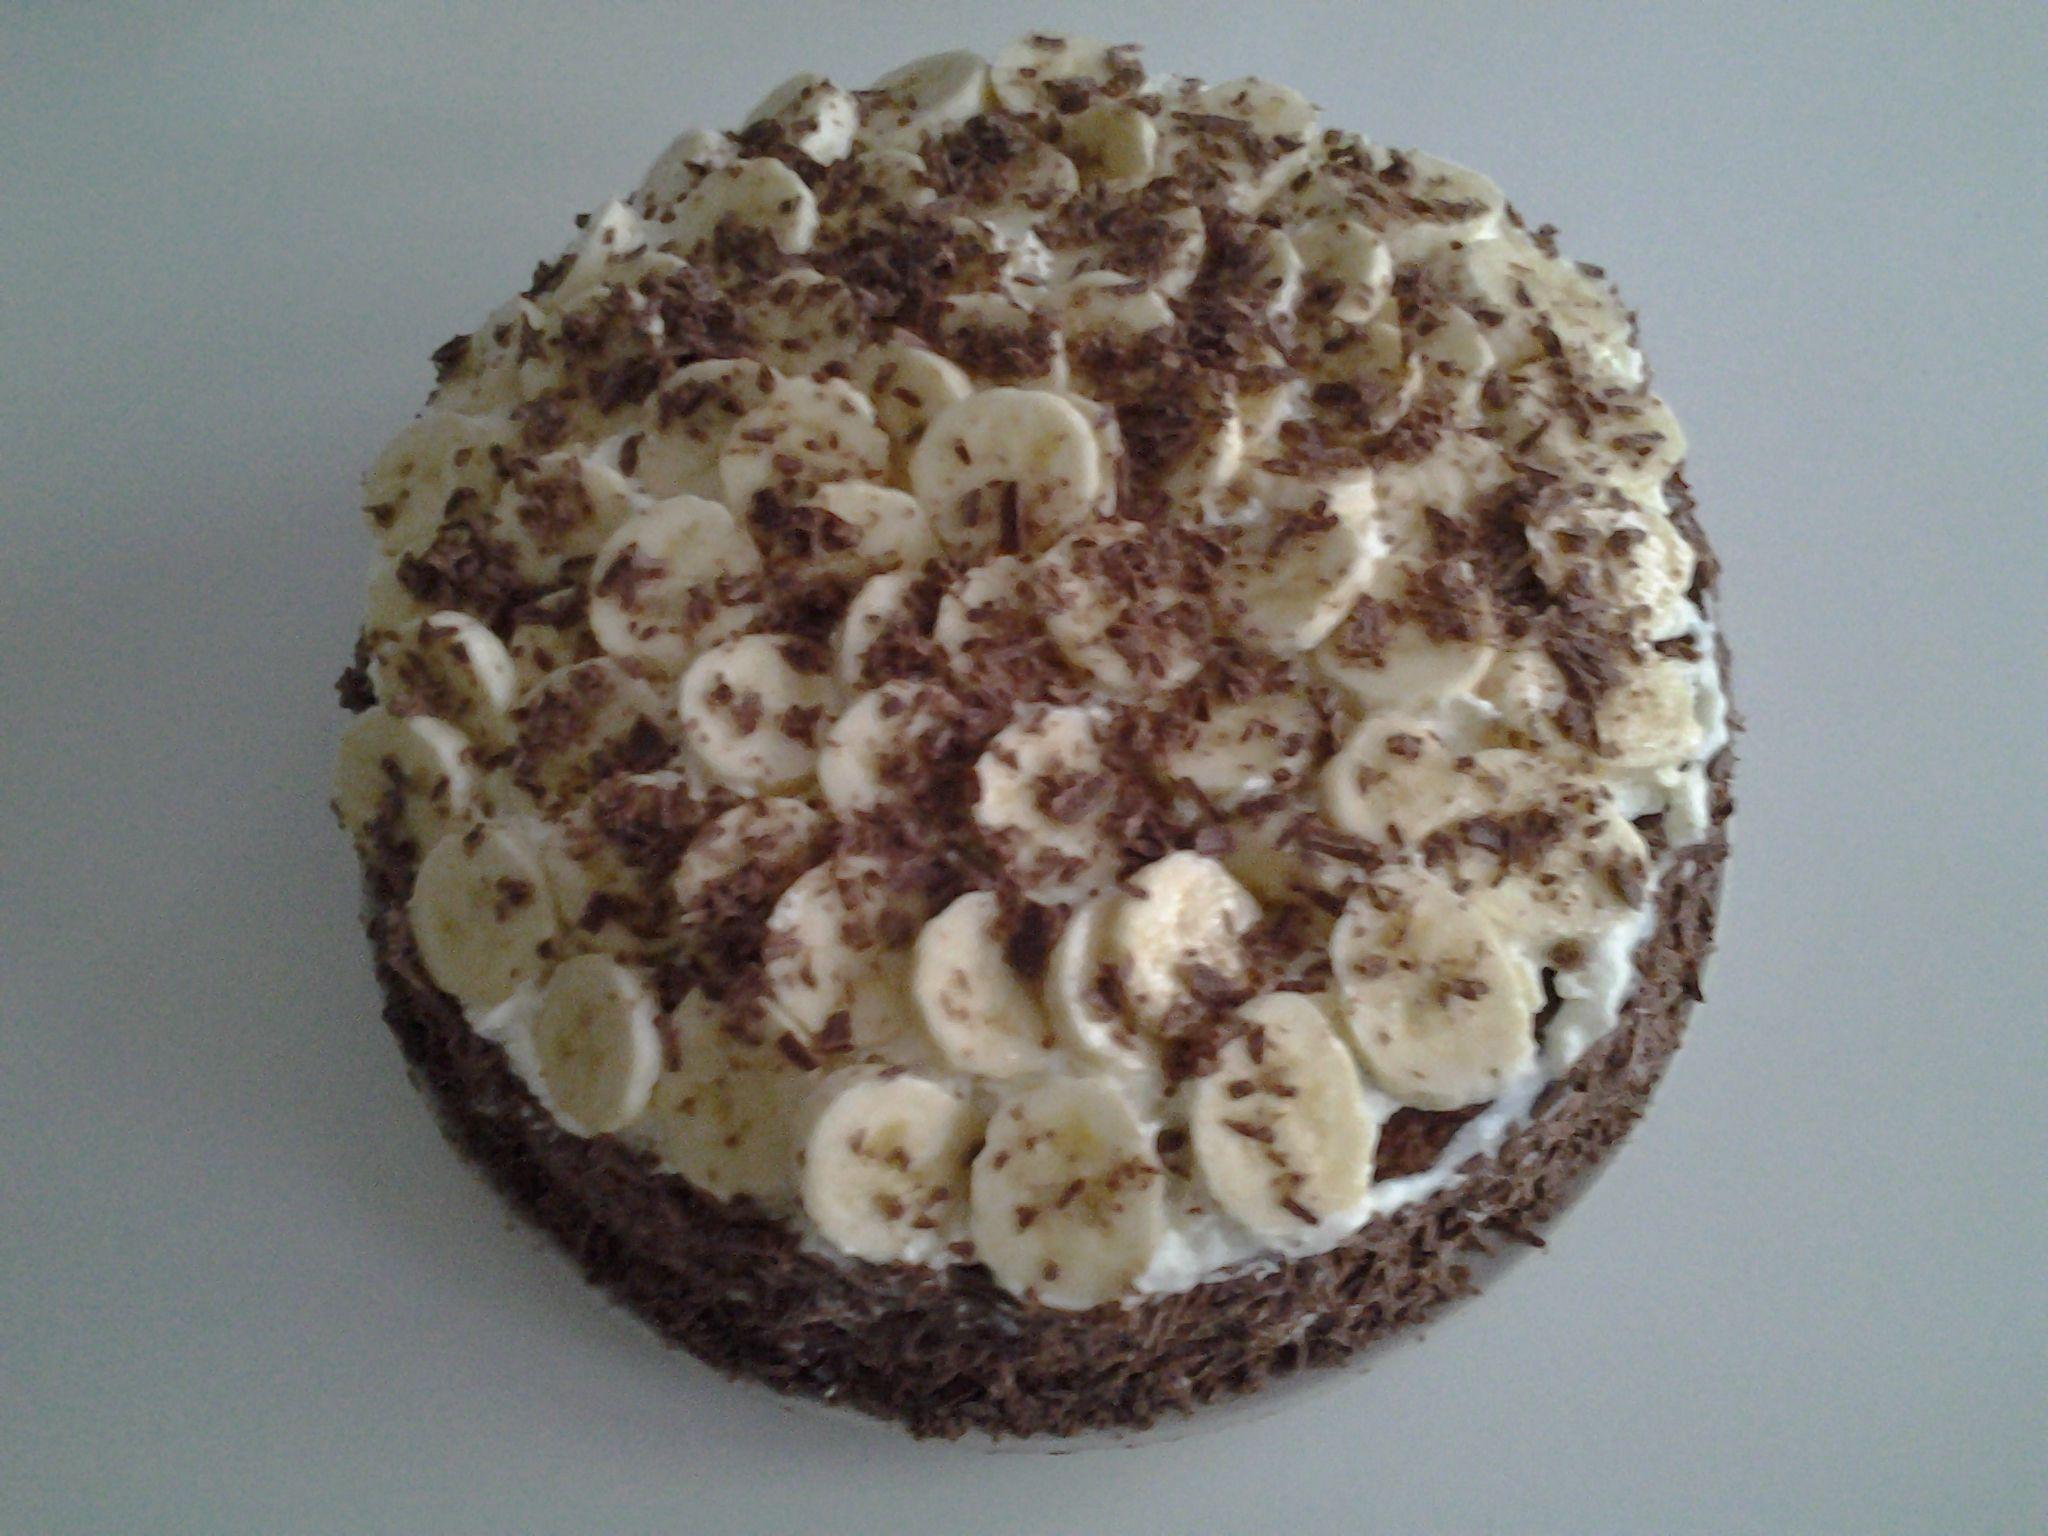 Chocoladebiscuit met bananen .